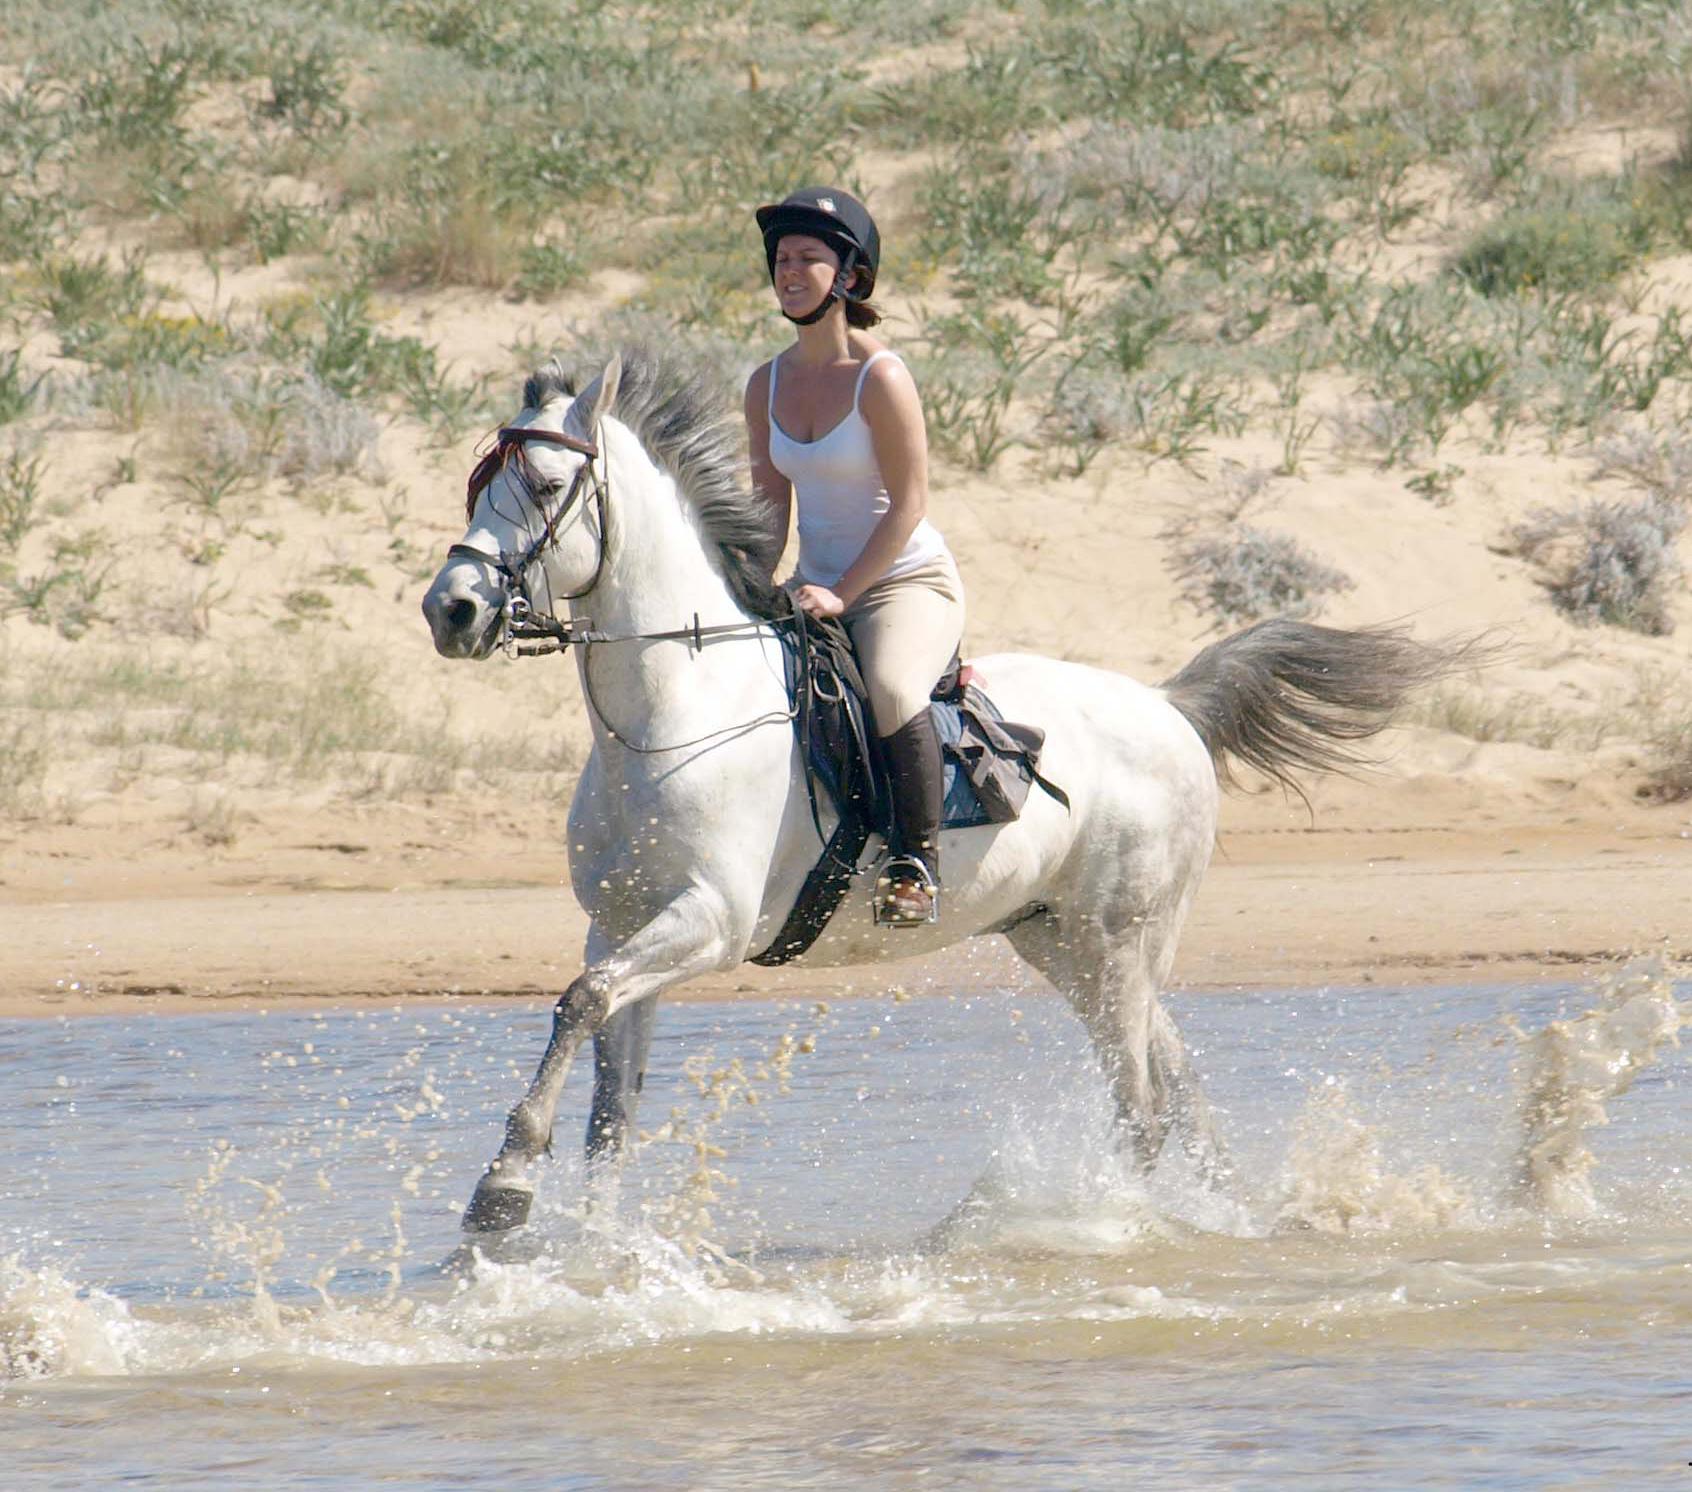 Paardrijden op het strand in Zuid Spanje - Vakantie te paard / Reisbureau Perlan